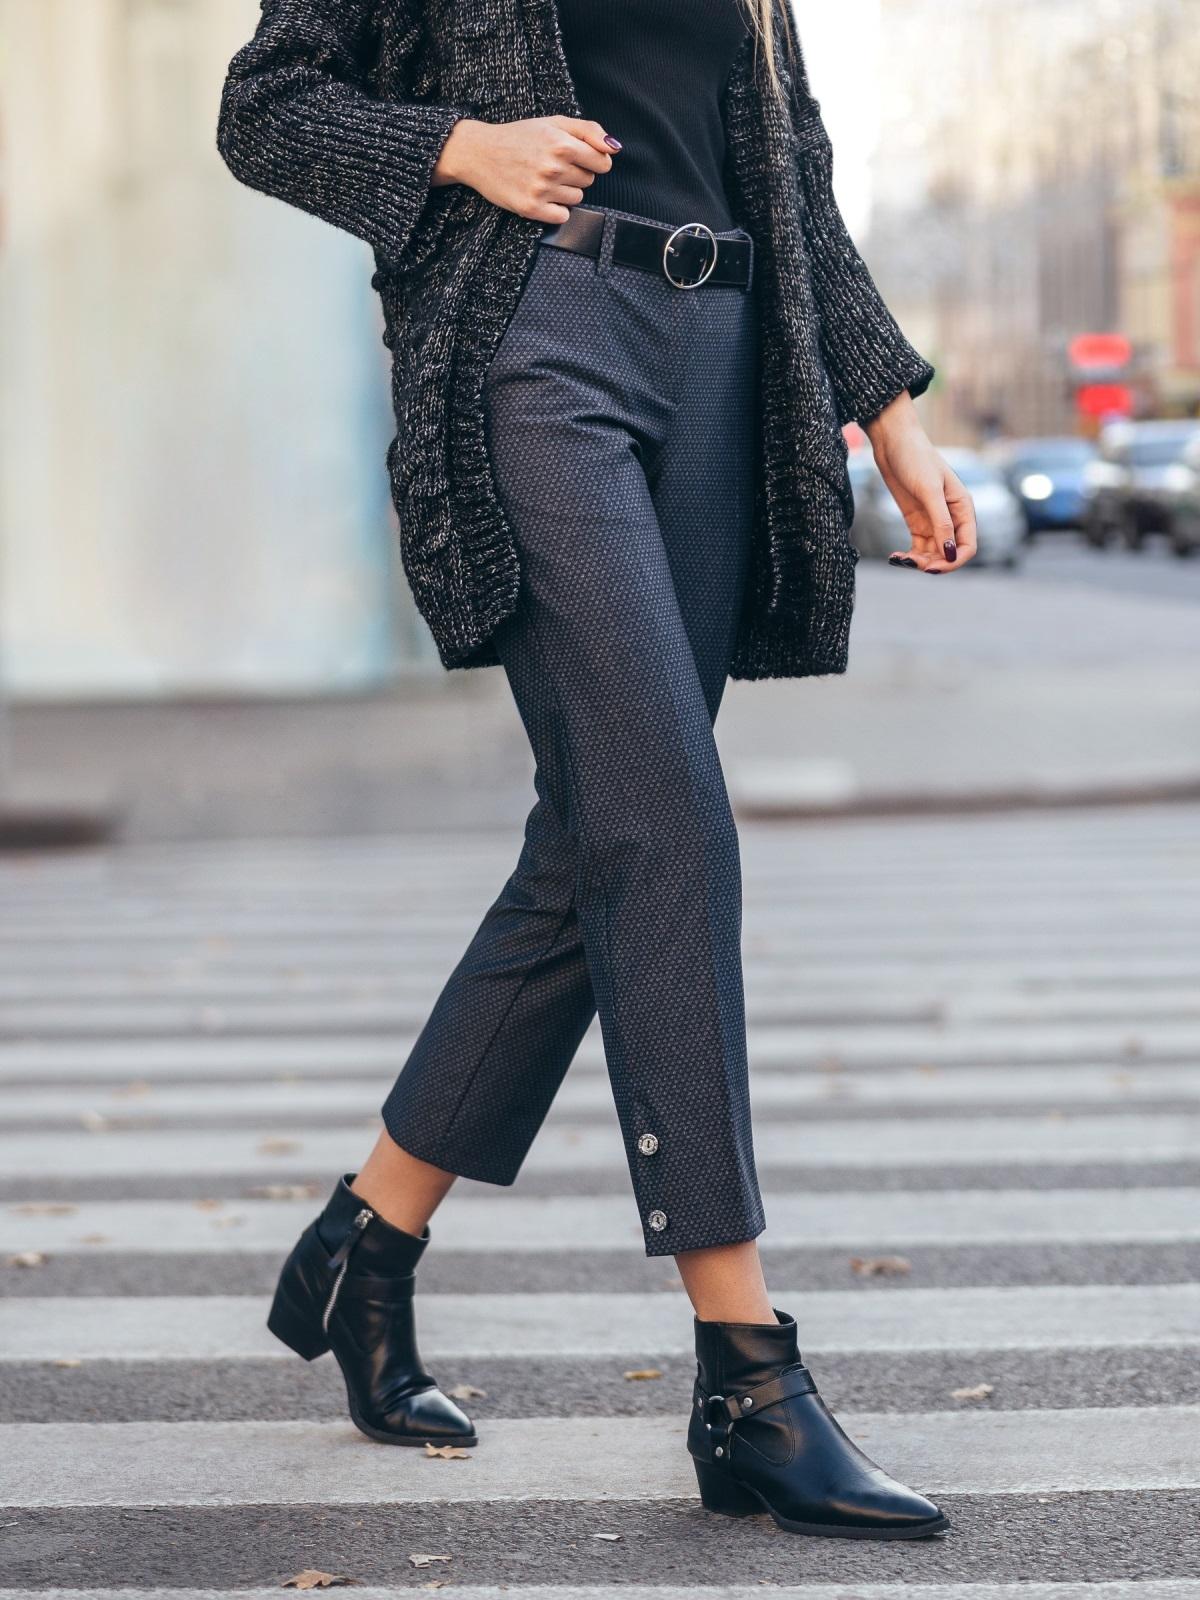 Укороченные брюки с декоративными пуговицами чёрные 51669, фото 1